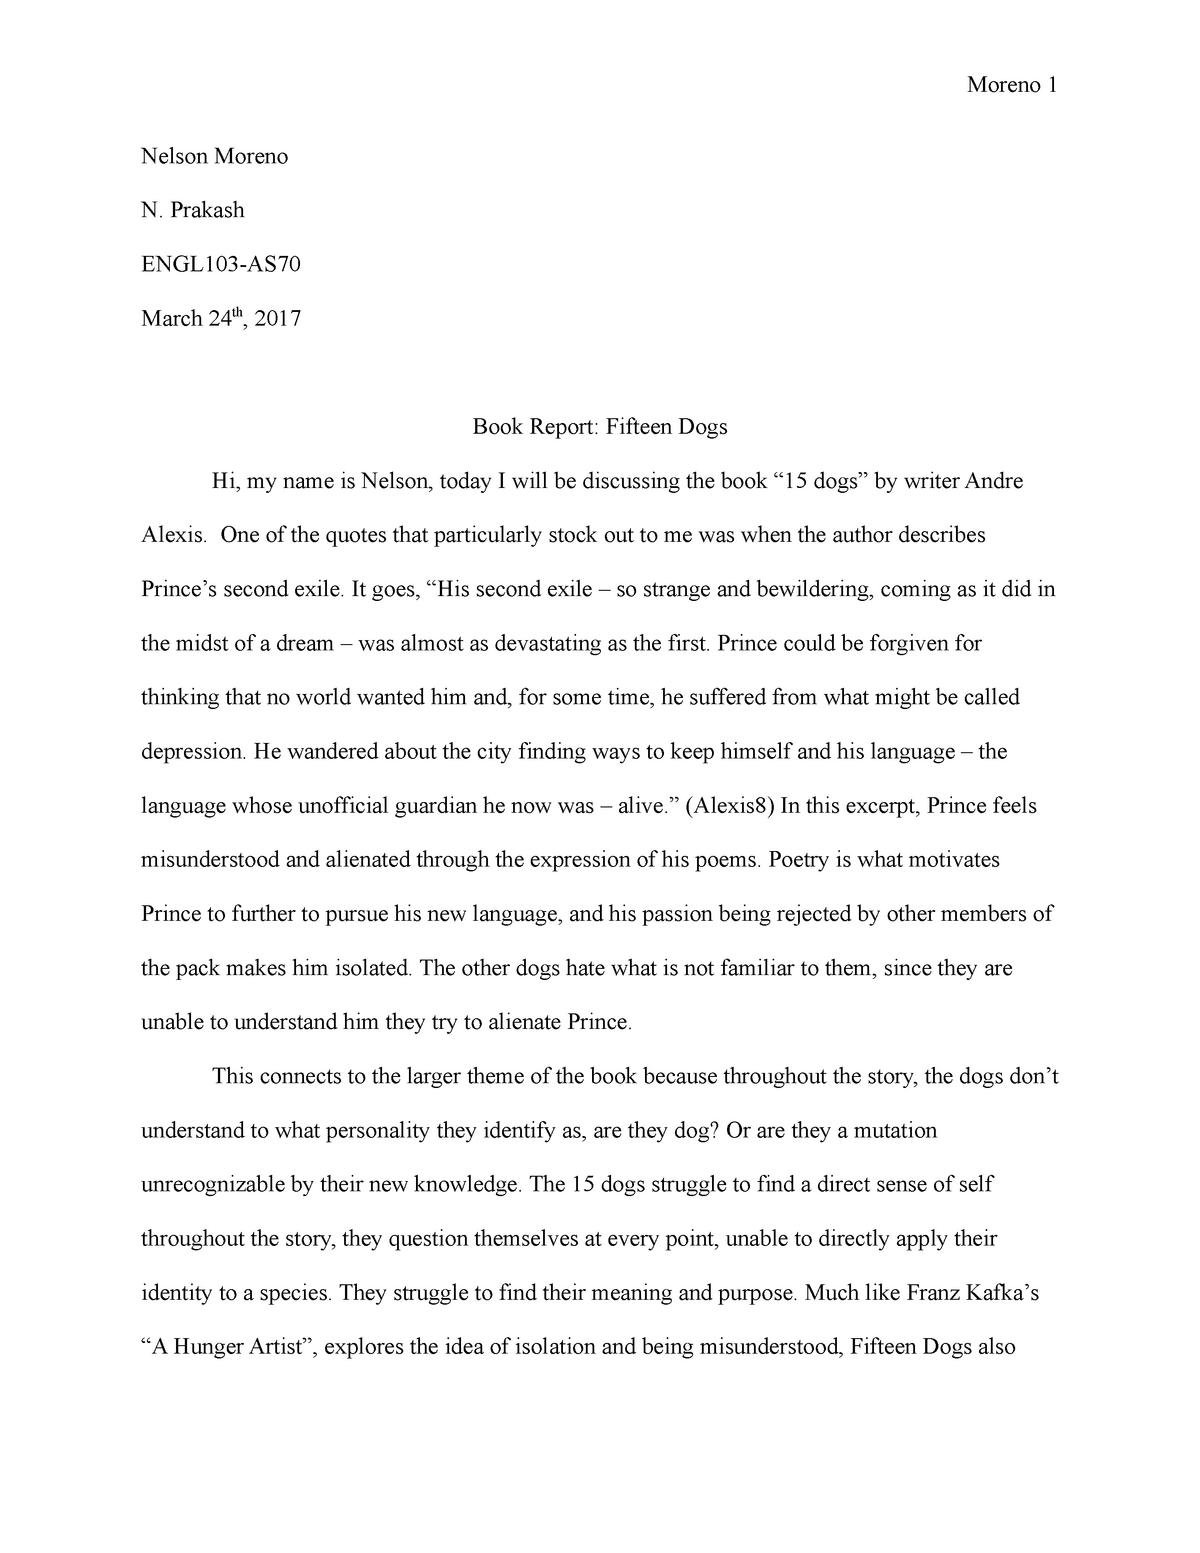 Book Report - Fifteen Dogs - ENGL103 English 103 - MacEwan